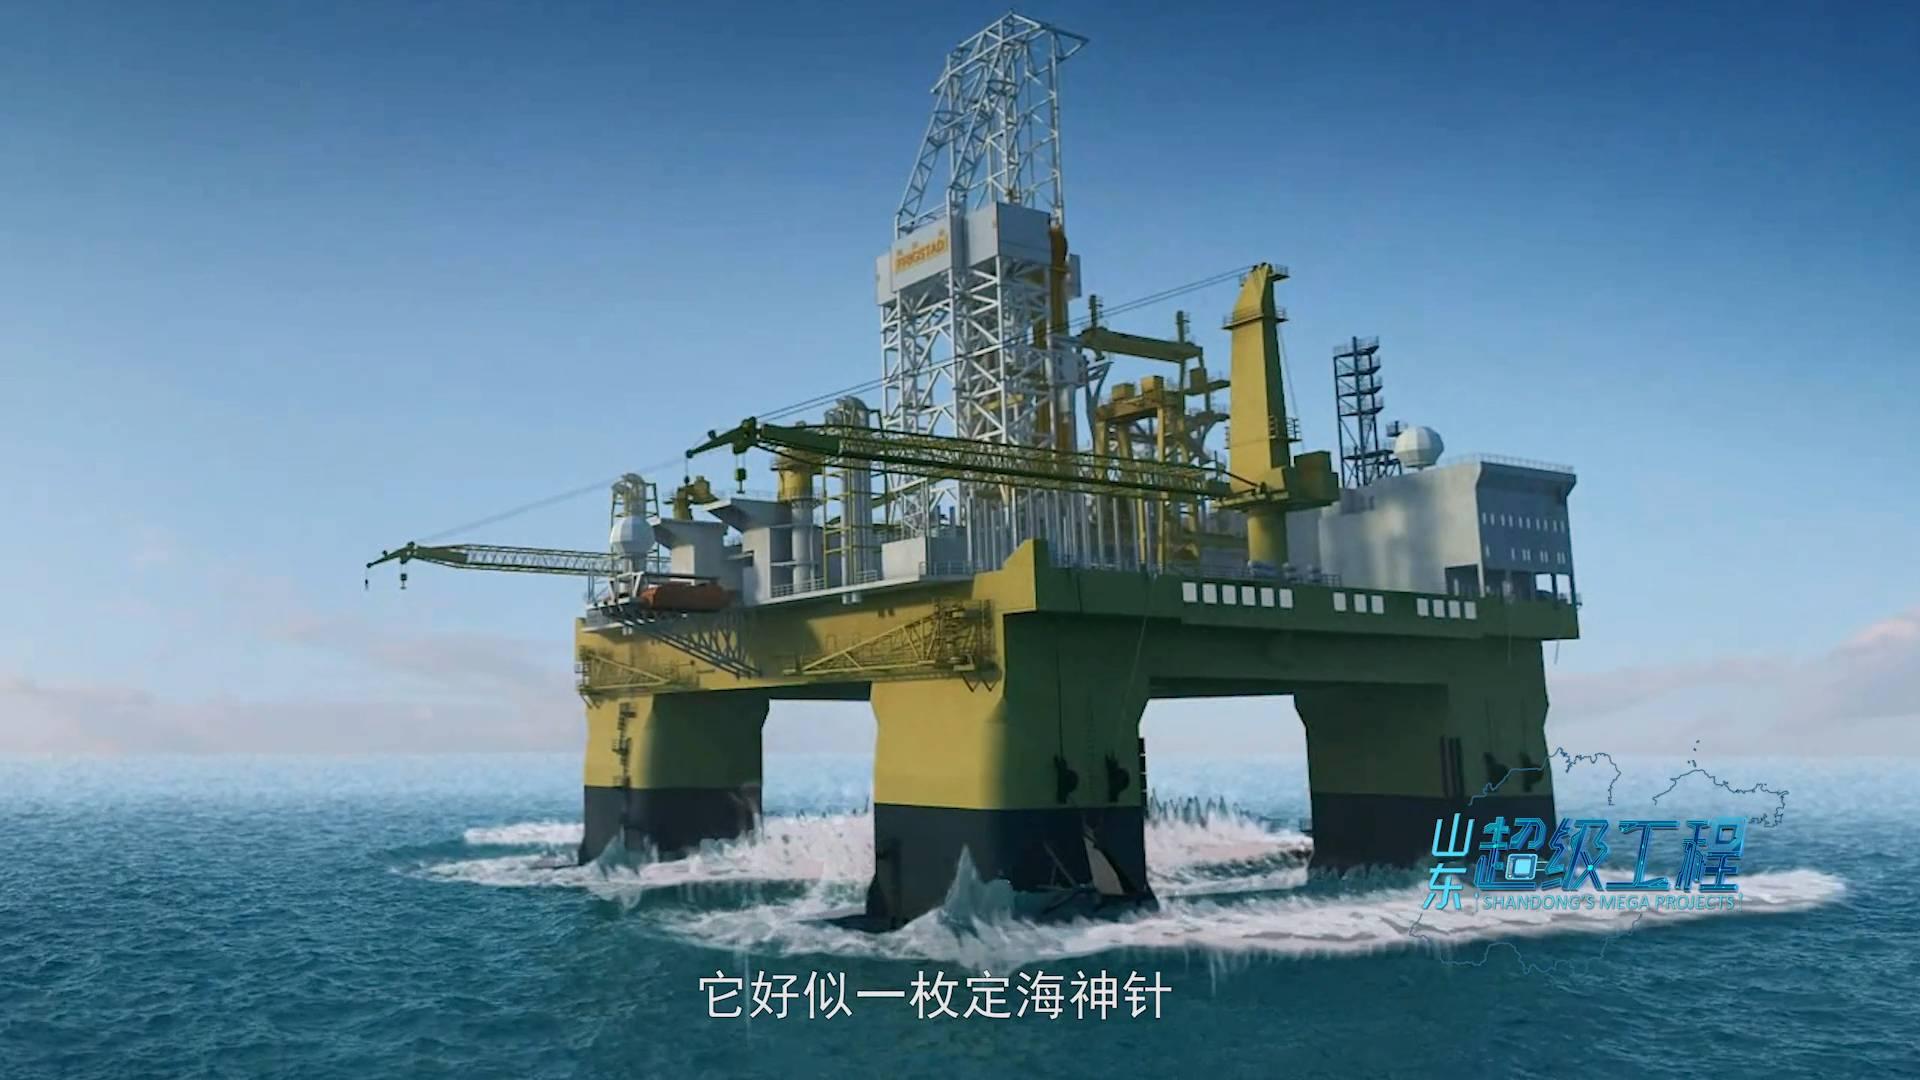 """超级工程丨定海神针 """"蓝鲸"""",可燃冰开采破世界纪录还能抵御16级台风"""